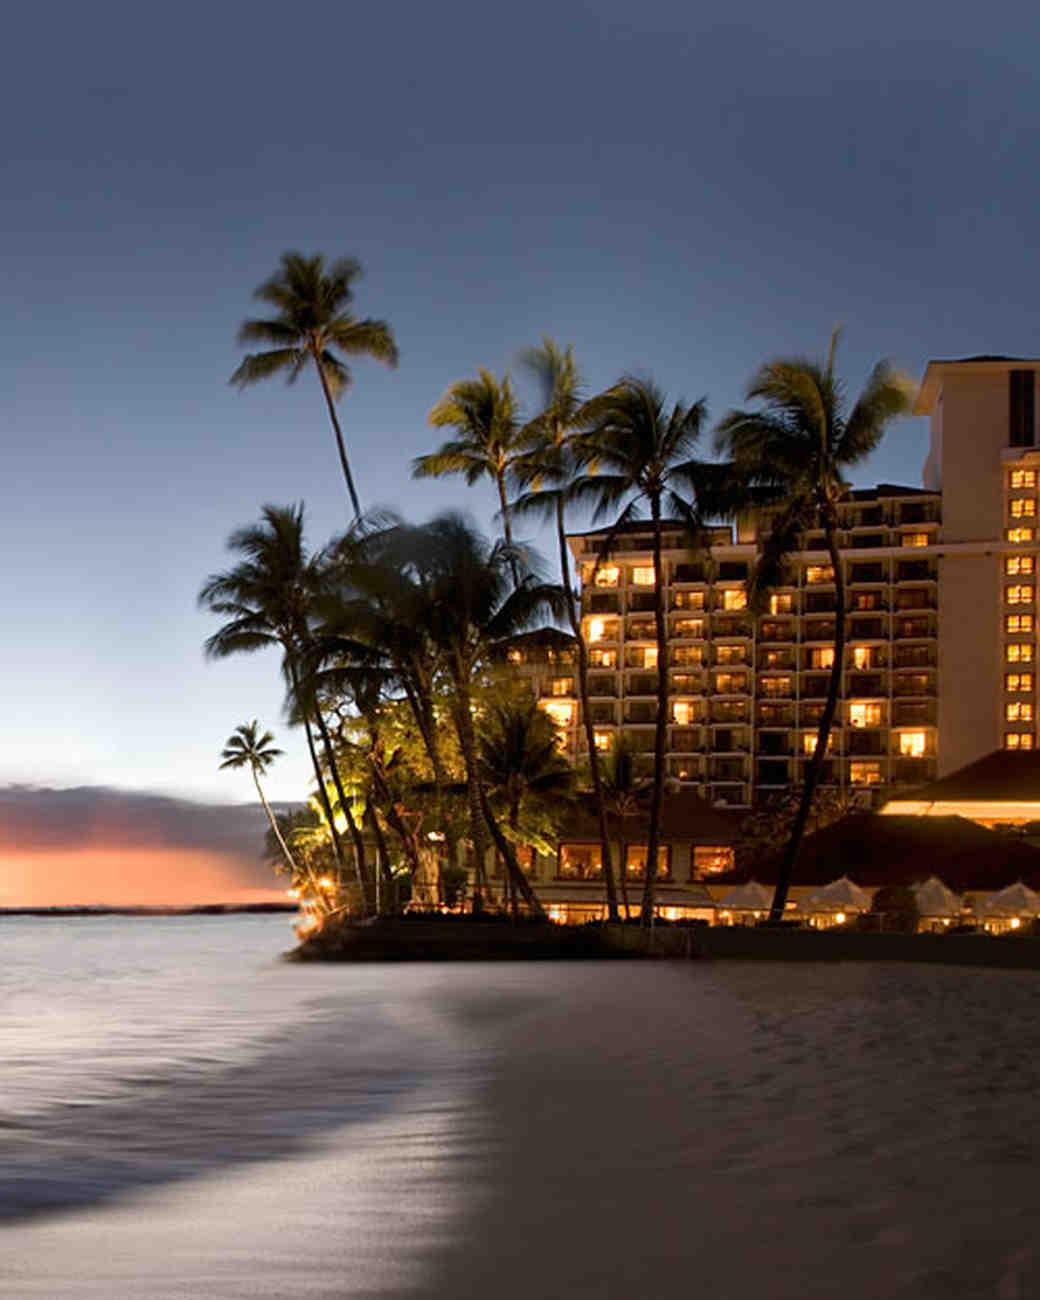 honeymoon resorts and hotels in hawaii | martha stewart weddings